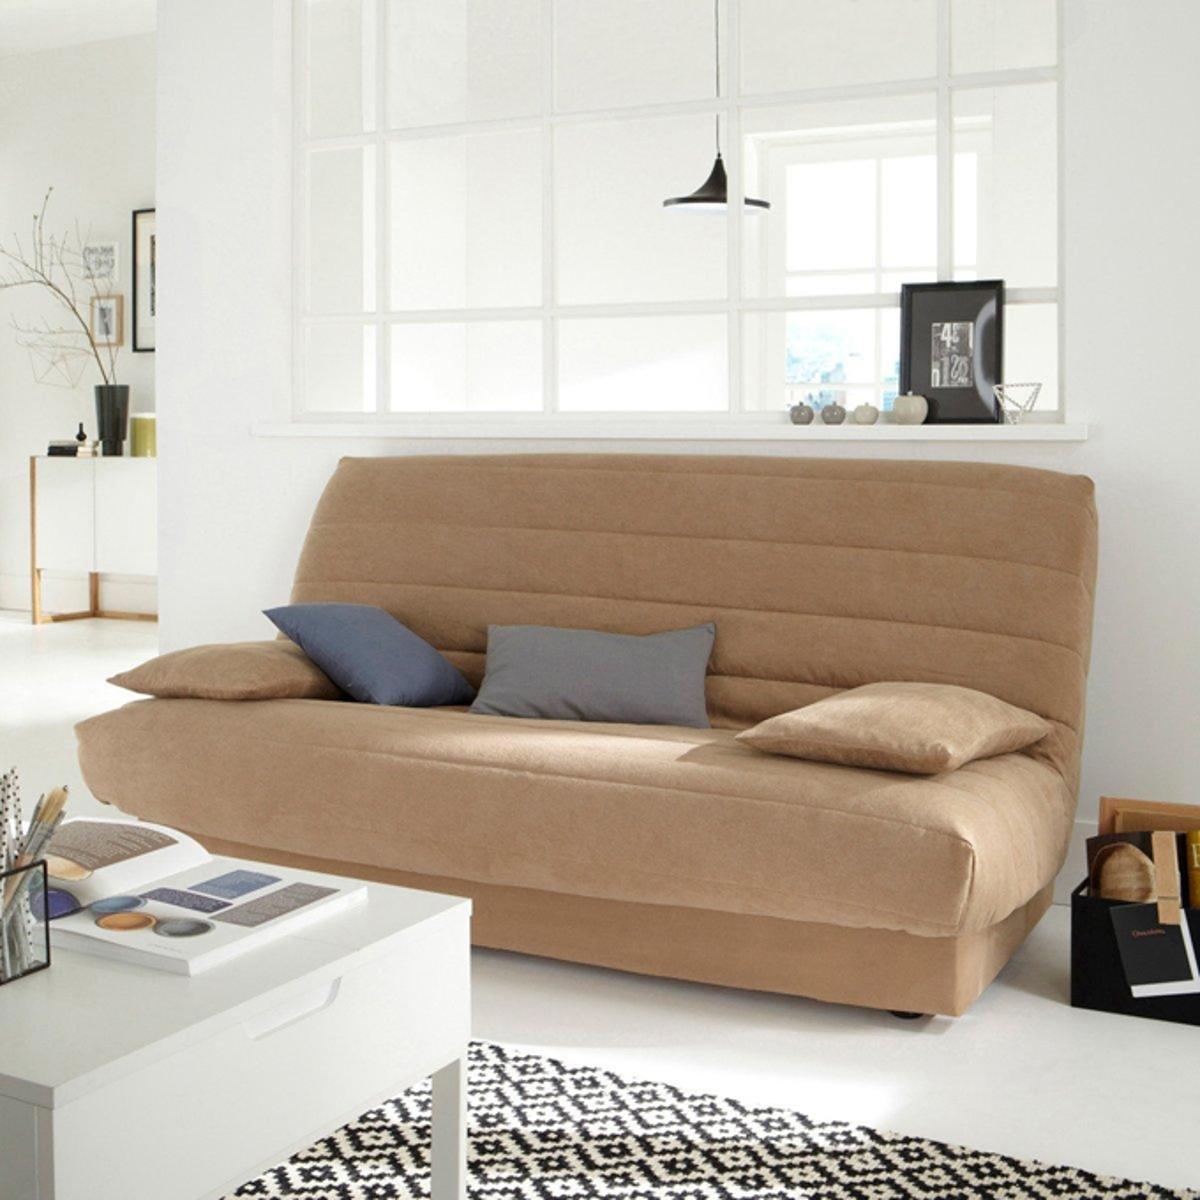 Чехол из искусственной замши для основания раскладного дивана.Чехол из искусственной замши для основания раскладного дивана мягкость кожицы персика 100% полиэстер. Характеристики чехла из искусственной замши для основания раскладного дивана:Отделка резинкой для максимальной эластичности.Размеры : Ширина 180 см, глубина 82 см, высота 30 смСтирка при 30°.<br><br>Цвет: антрацит,бежевый песочный,красный,светло-желто-каштановый,серый жемчужный,шоколадно-каштановый<br>Размер: единый размер.единый размер.единый размер.единый размер